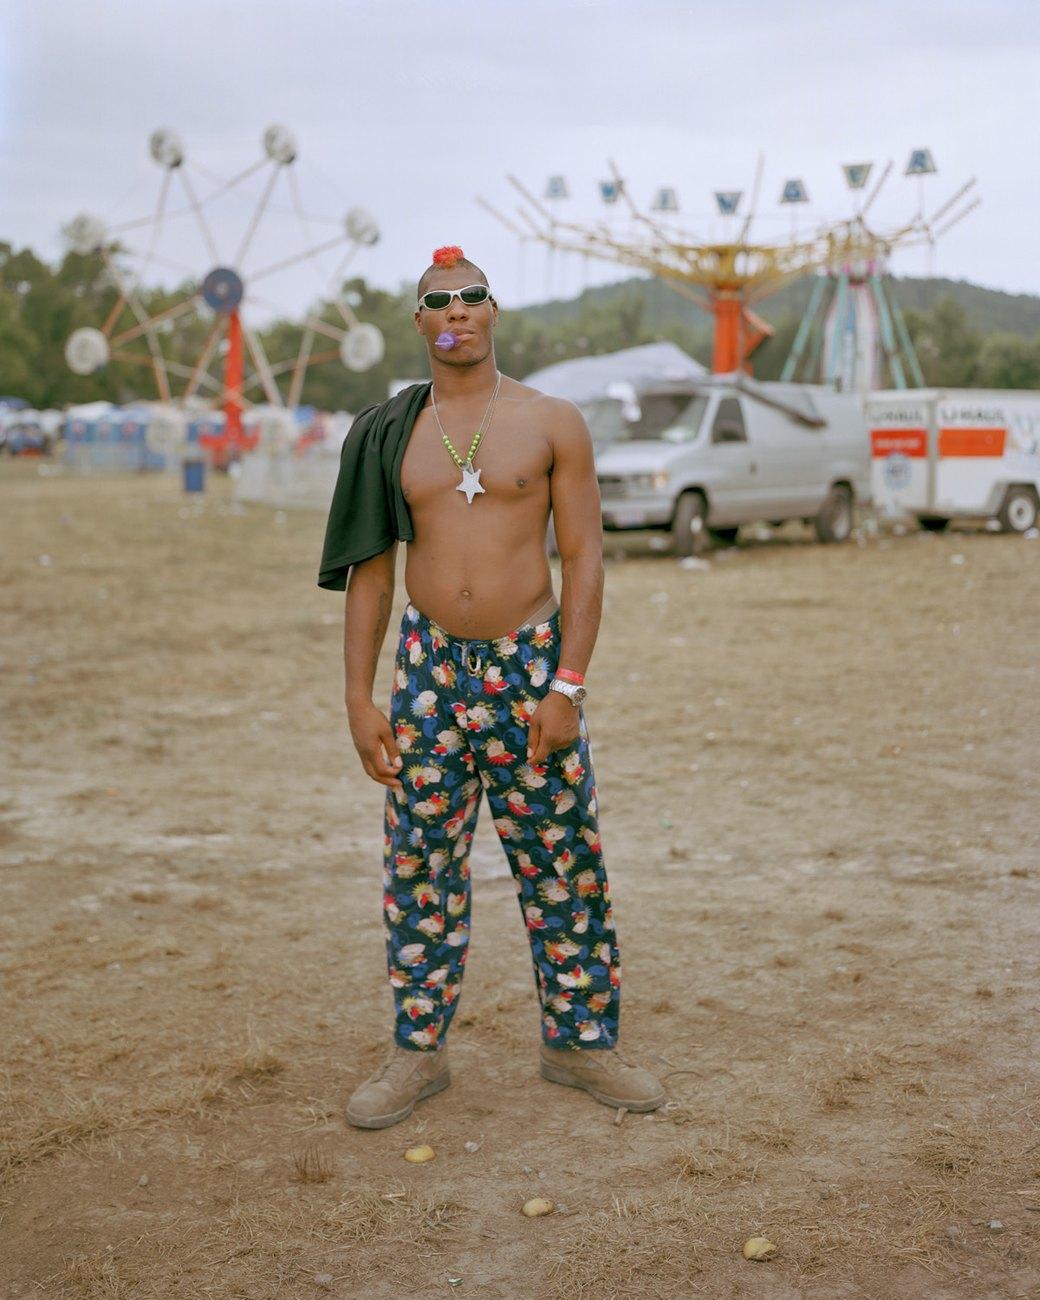 Клоуны на выезде: Фоторепортаж с ежегодного фестиваля джаггало в Иллинойсе. Изображение № 5.